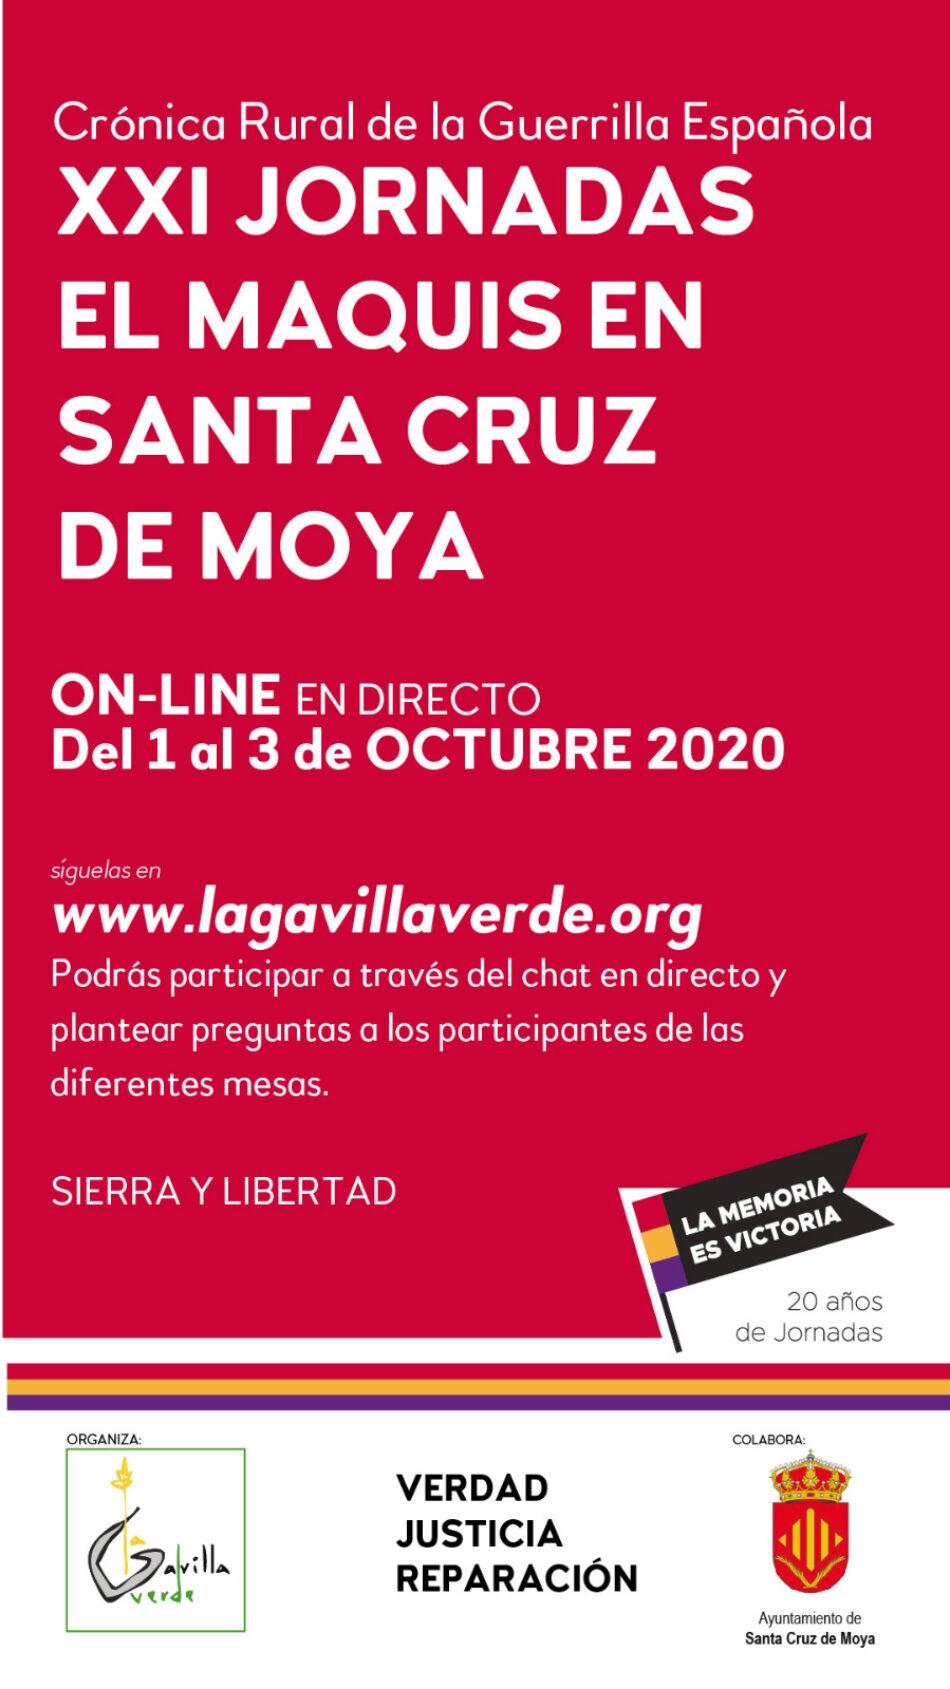 XXI Jornadas el Maquis en Santa Cruz de Moya (Cuenca): Crónica rural de la guerrilla española. Memoria Histórica viva